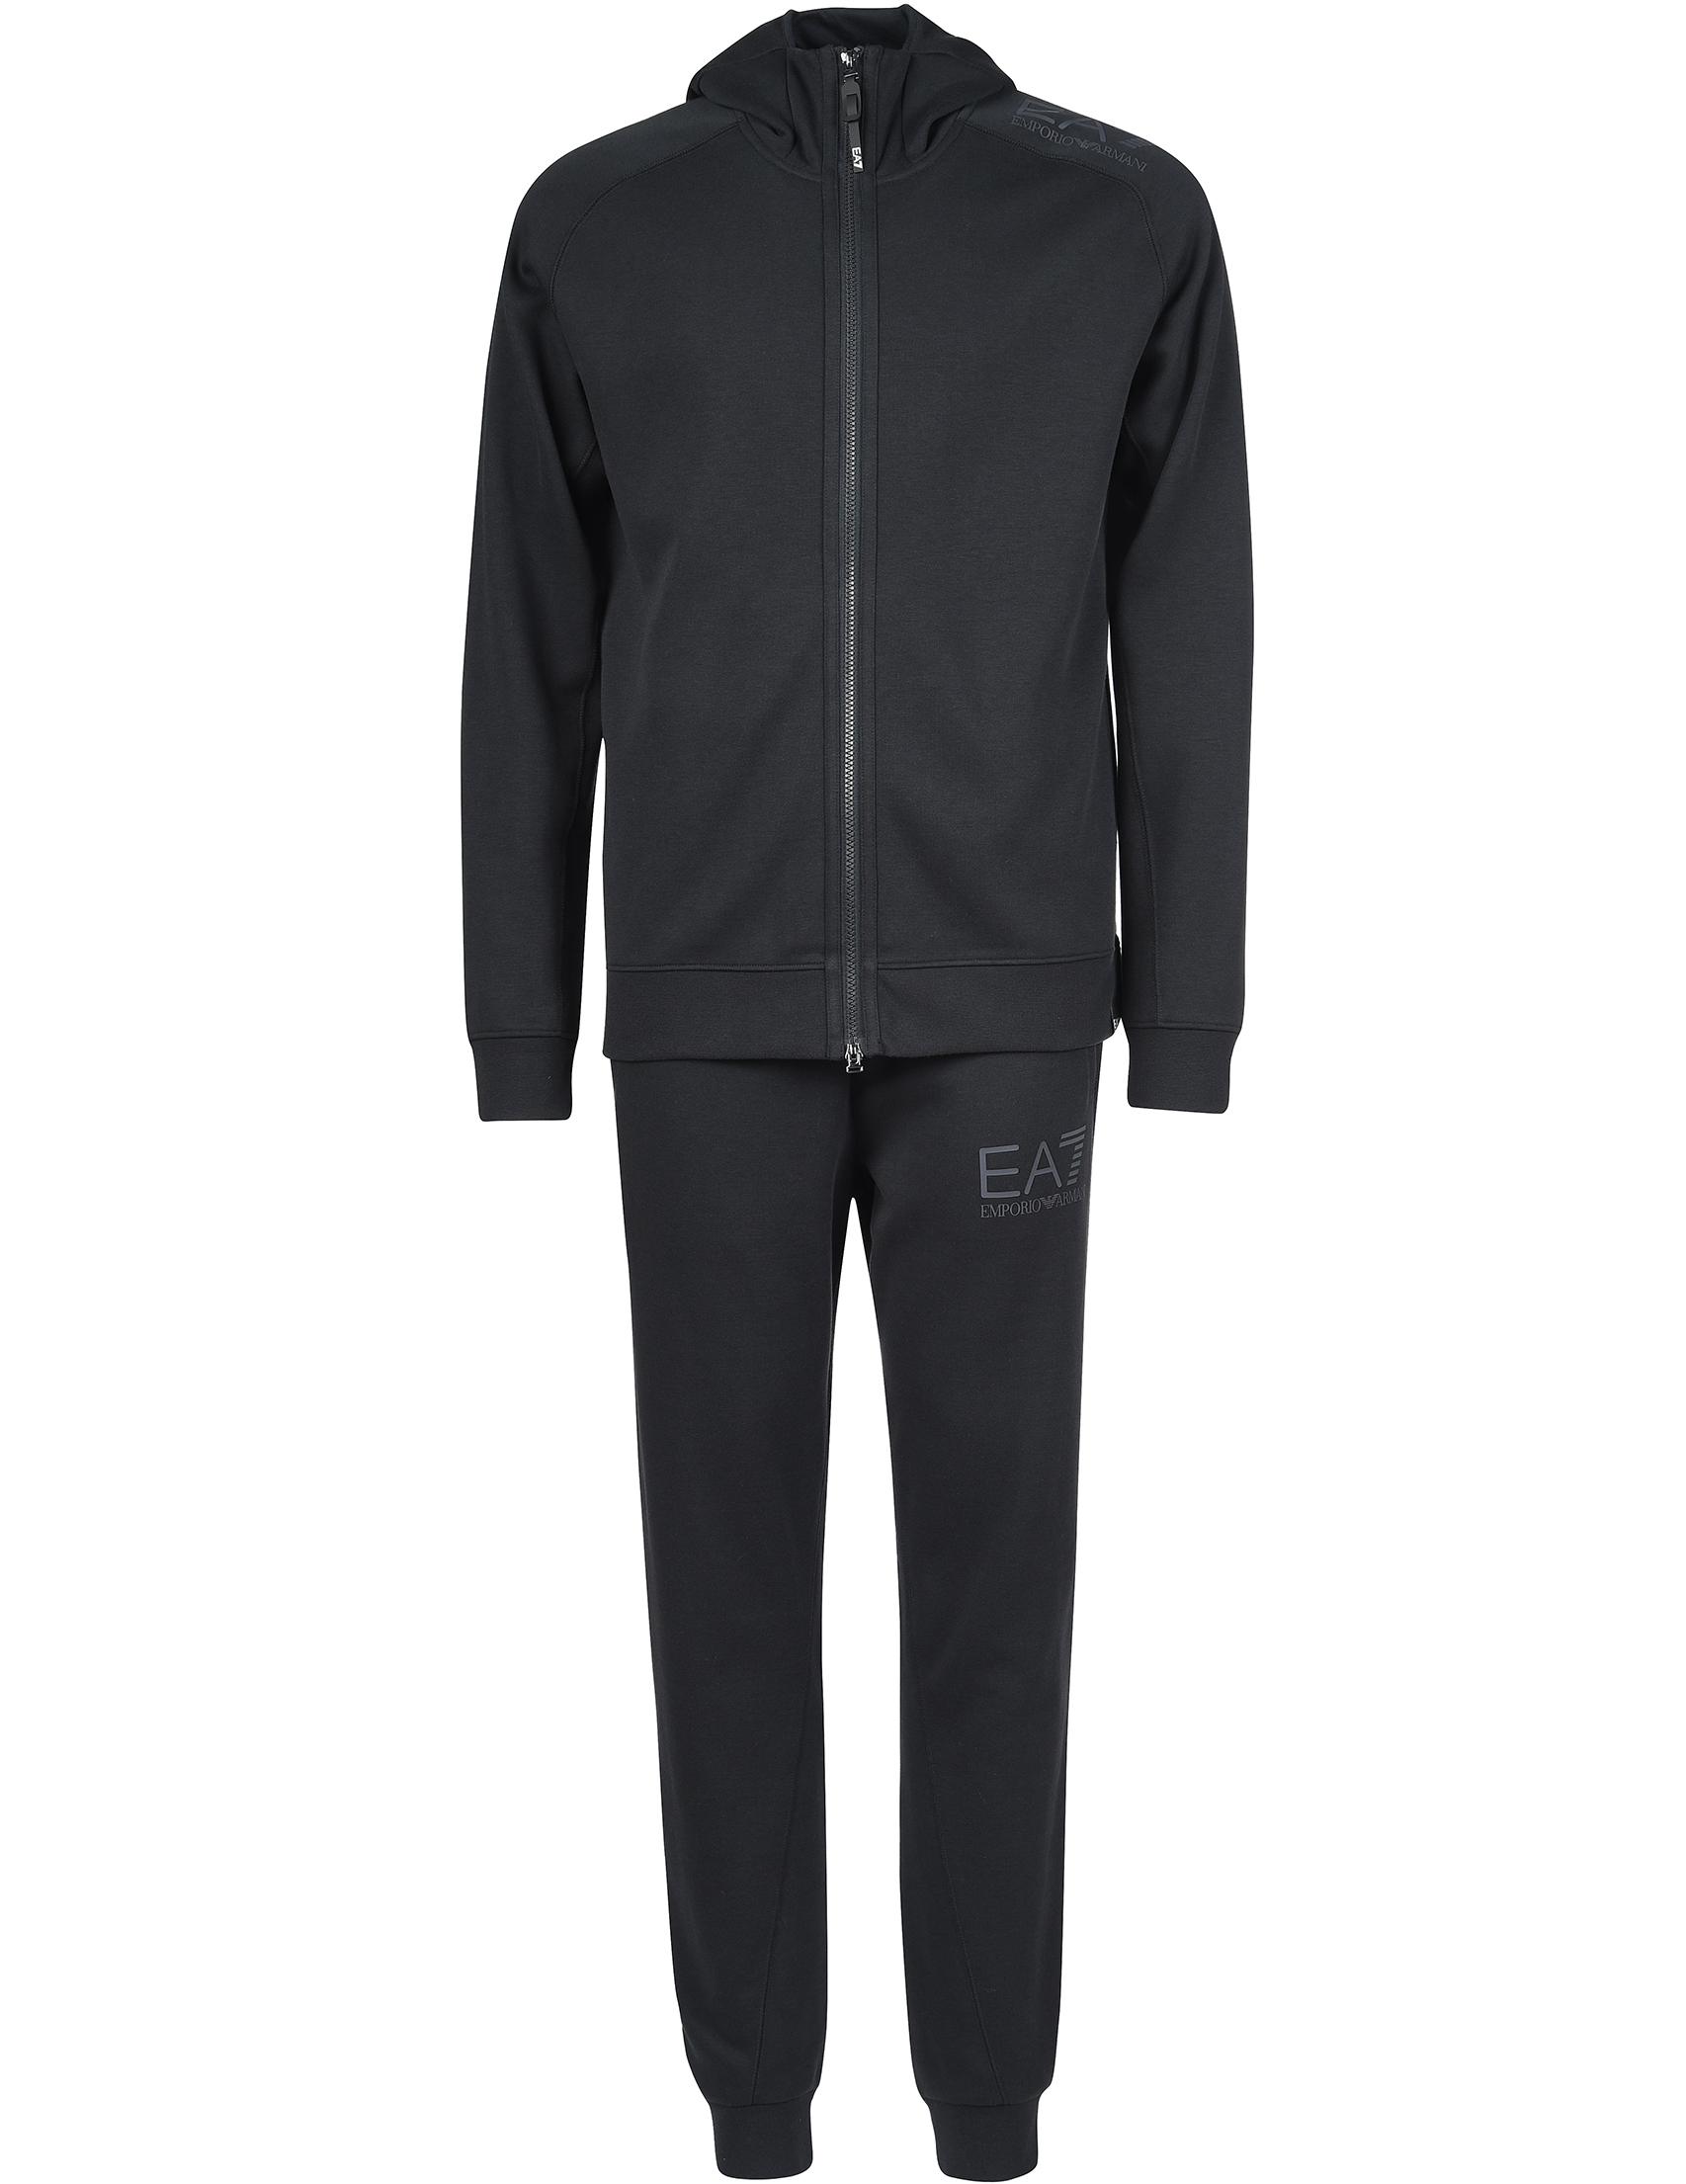 Купить Спортивный костюм, EA7 EMPORIO ARMANI, Черный, 72%Хлопок 28%Полиэстер, Осень-Зима